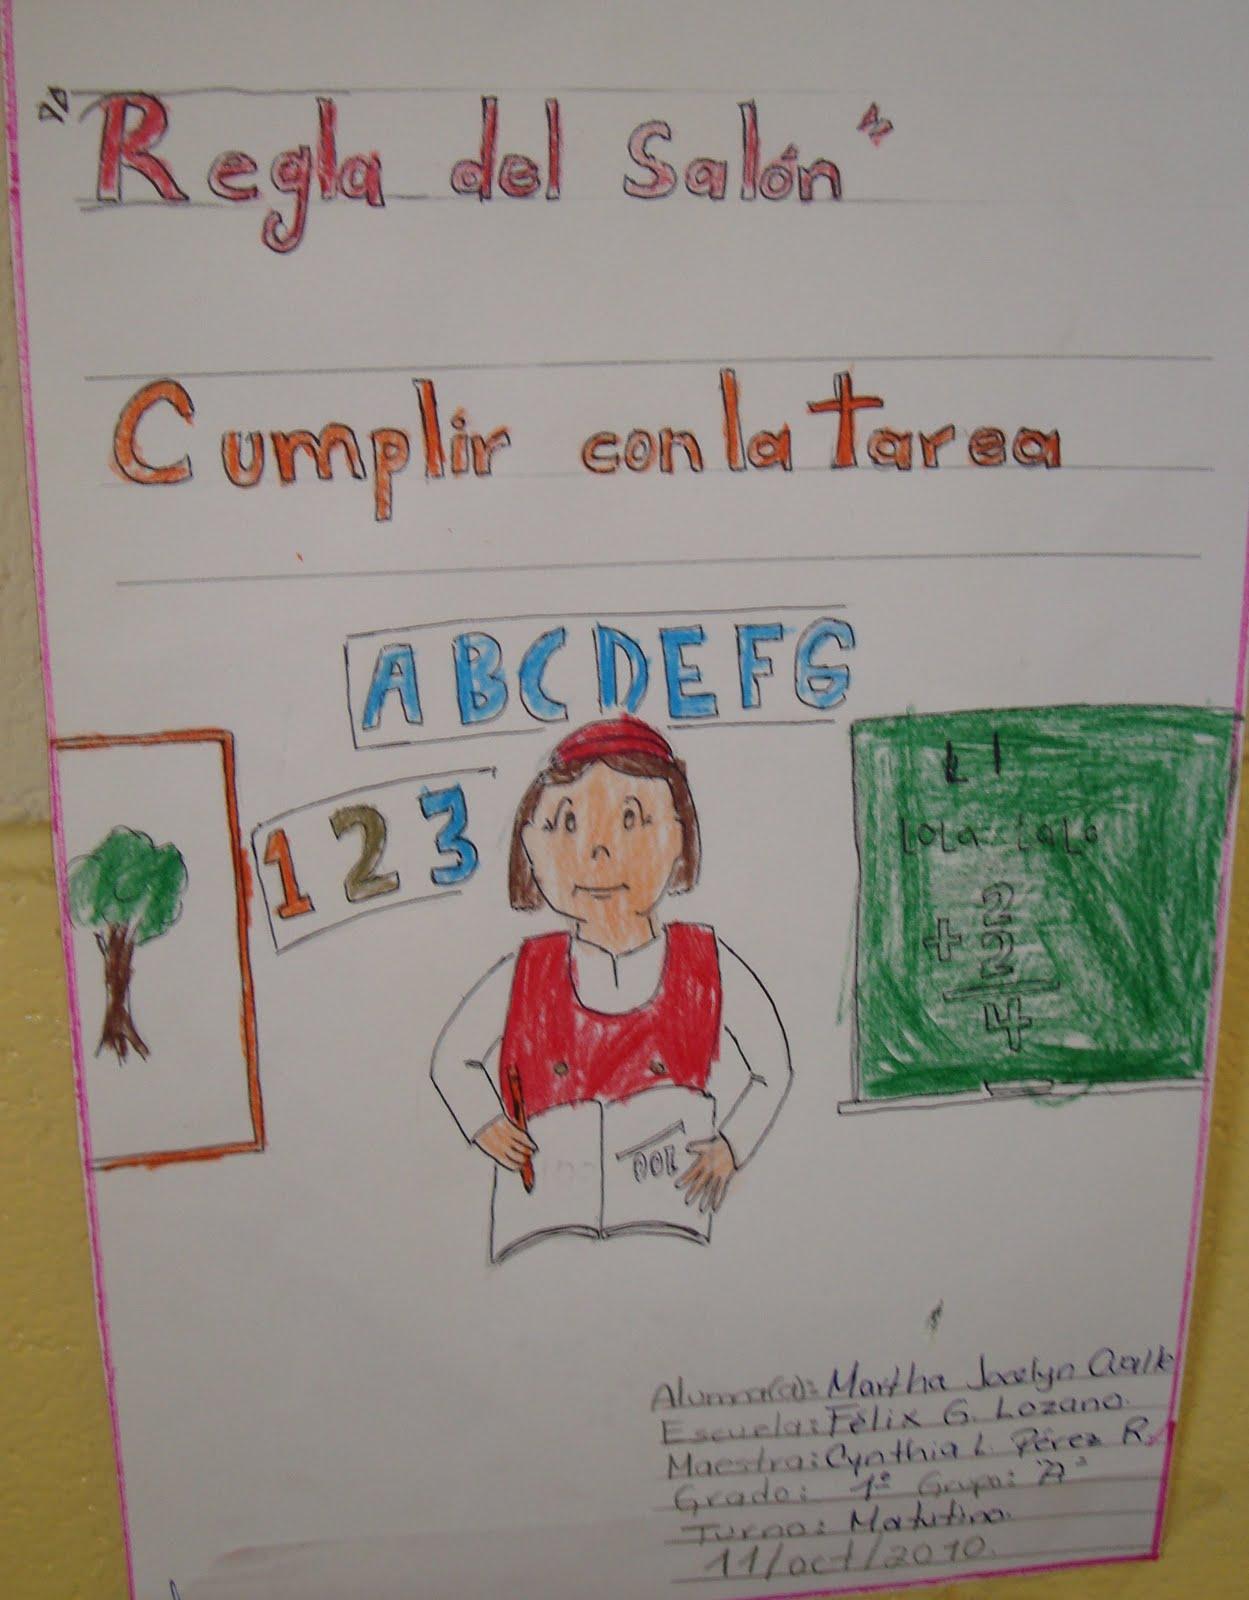 Esc prim f lix g lozano t m carteles de primer grado for 10 reglas del salon de clases en ingles